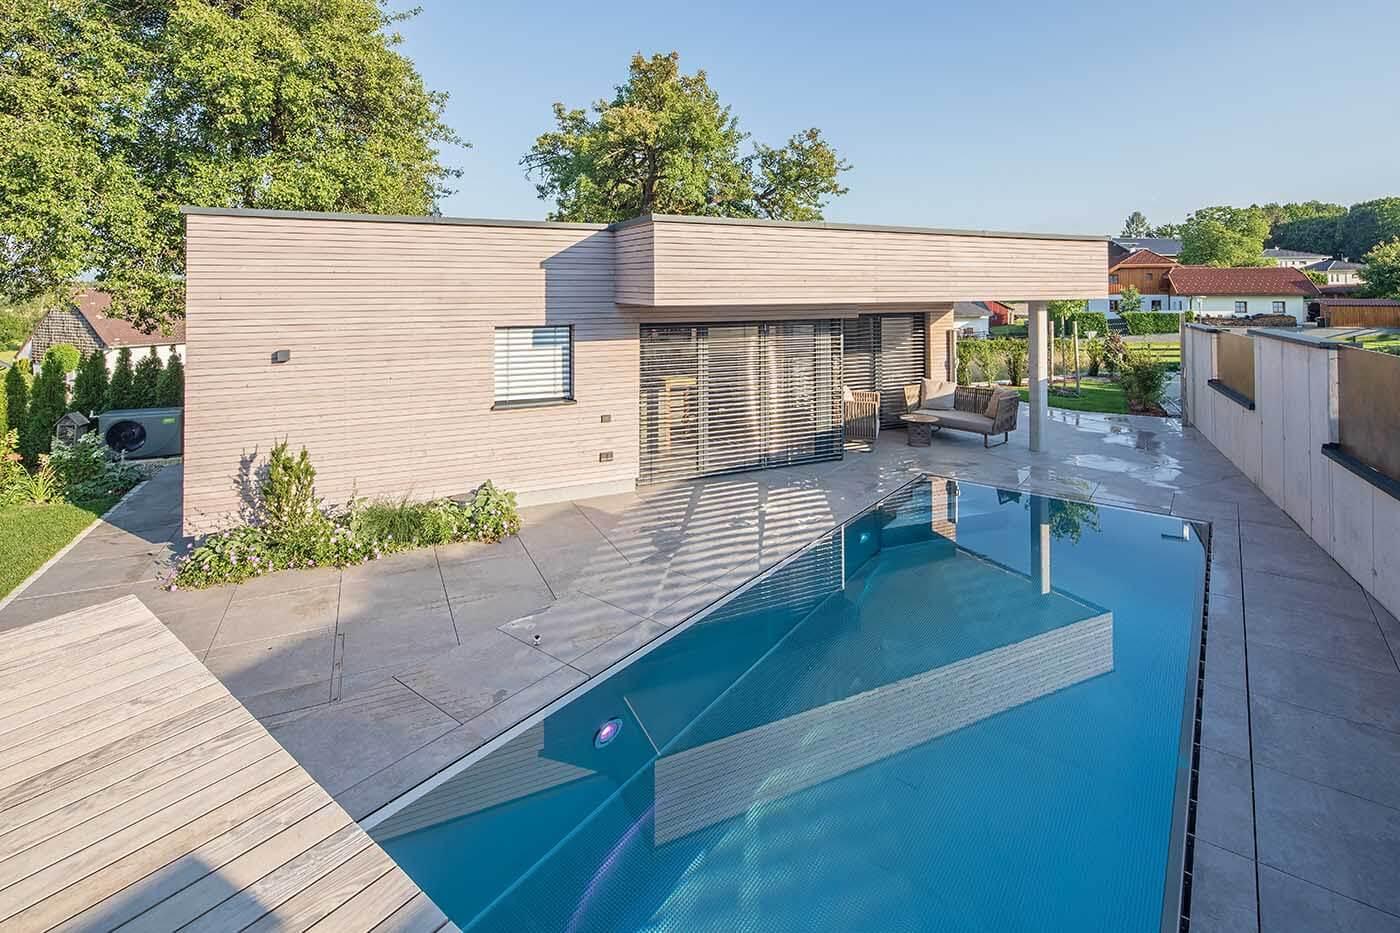 Poolhaus von der Terasse